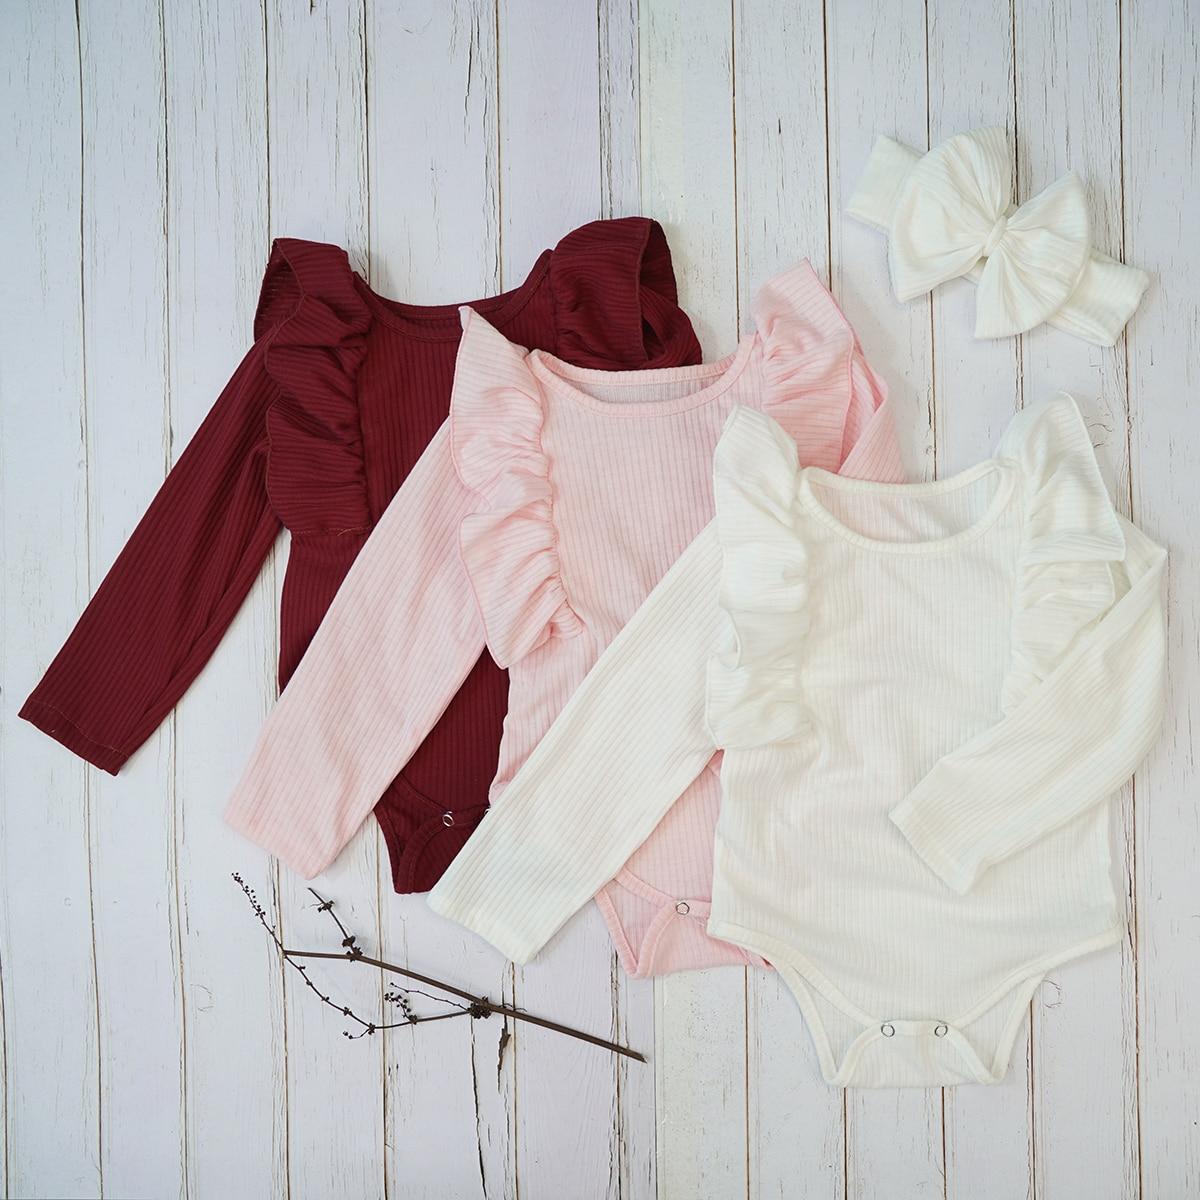 Novo bebê meninas outono macacão longo plissado manga bandana conjunto terno do corpo inverno rosa branco topos roupas para crianças criança